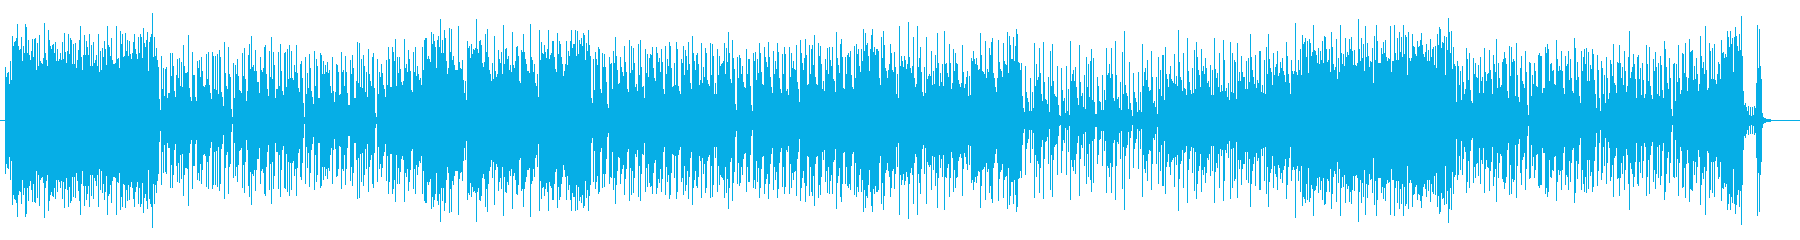 明るくて軽いノリのギター曲の再生済みの波形